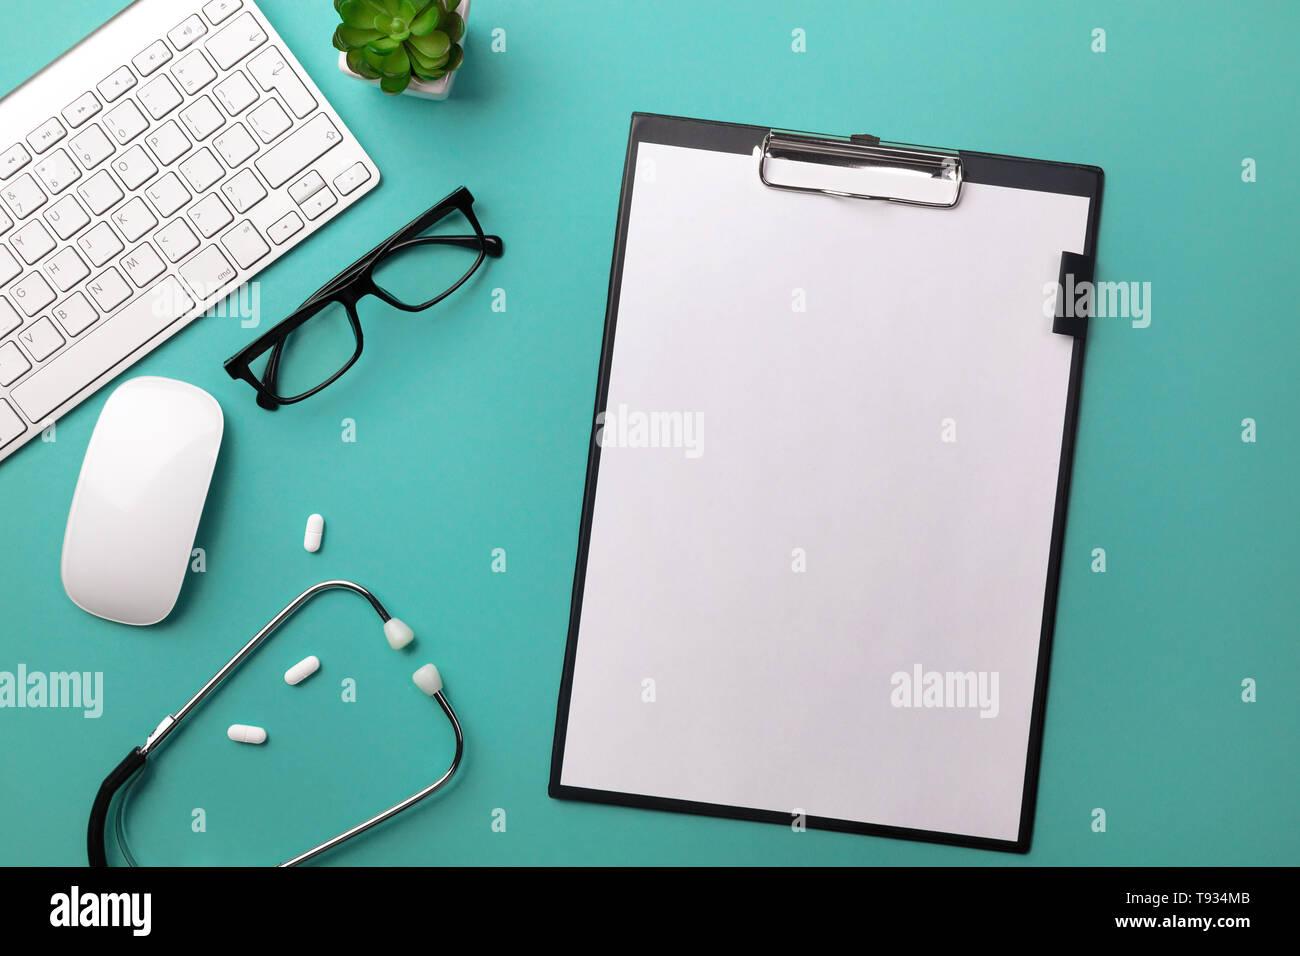 Stethoscope in doctors desk with tablet, pen, keyboard